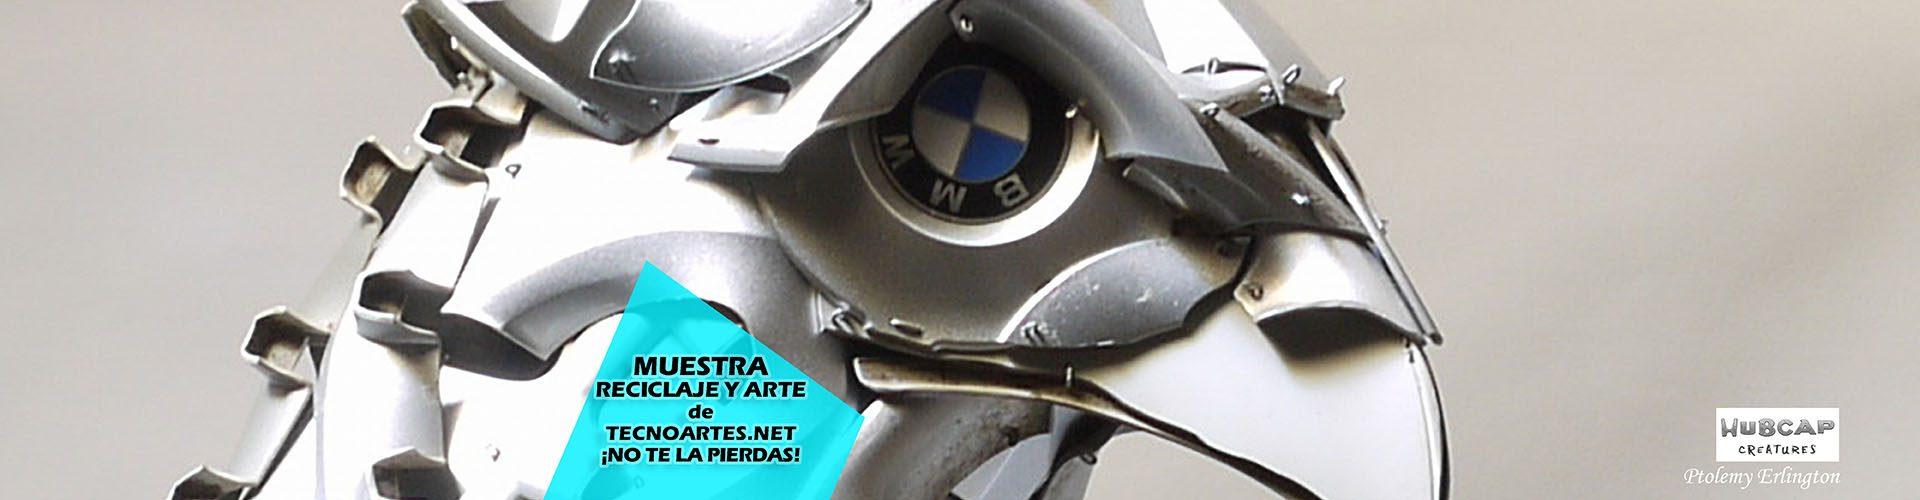 Águila hecha con tapacubos de ruedas.